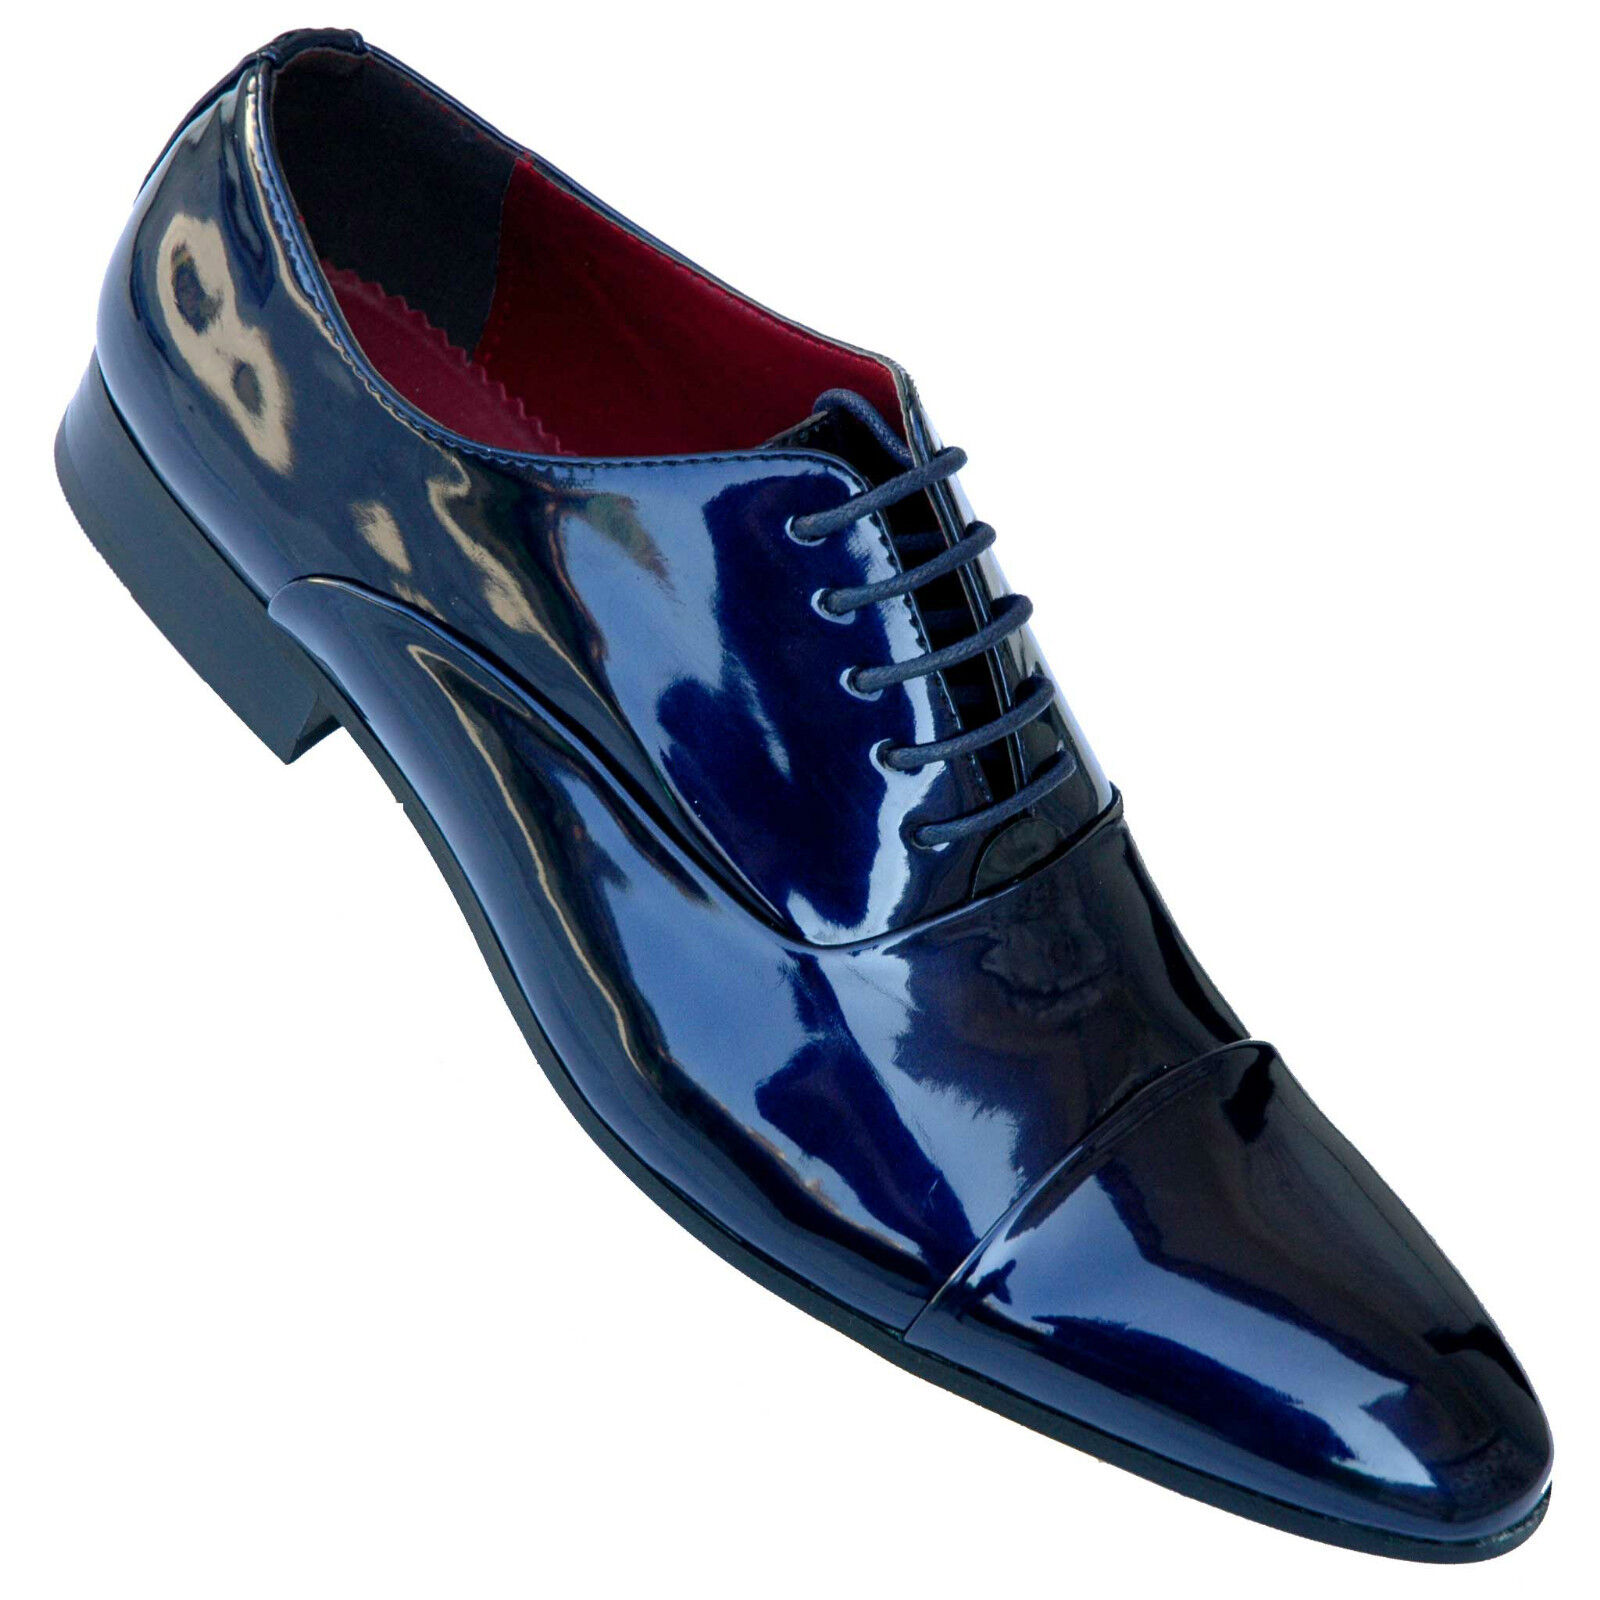 Scarpe Per Matrimonio Uomo : Scarpe uomo eleganti classiche per cerimonia blu o nere